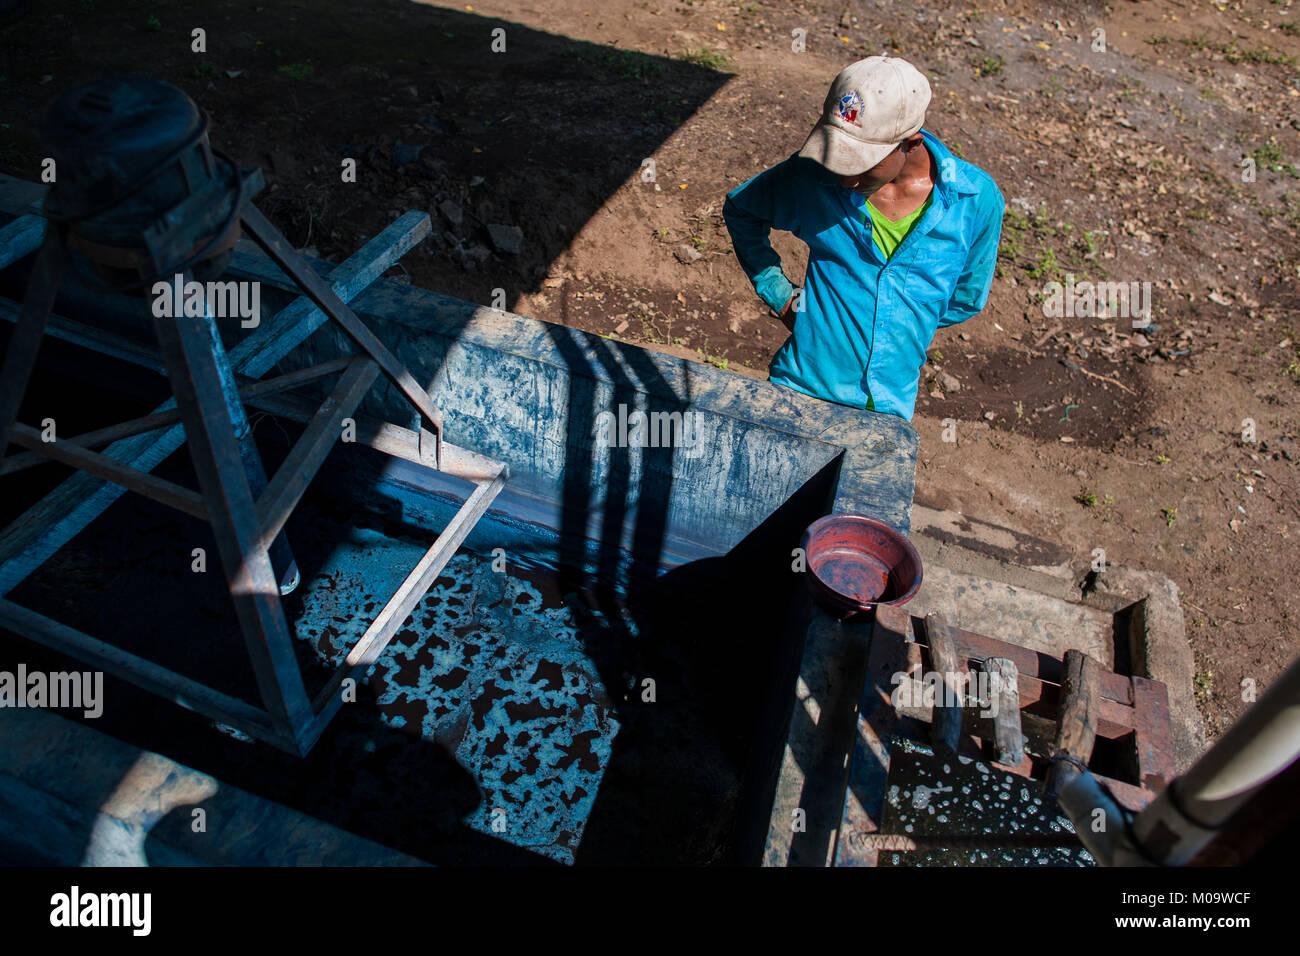 Un trabajador agrícola salvadoreño controla el procesamiento de indigo en el semi-fabricación industrial Imagen De Stock